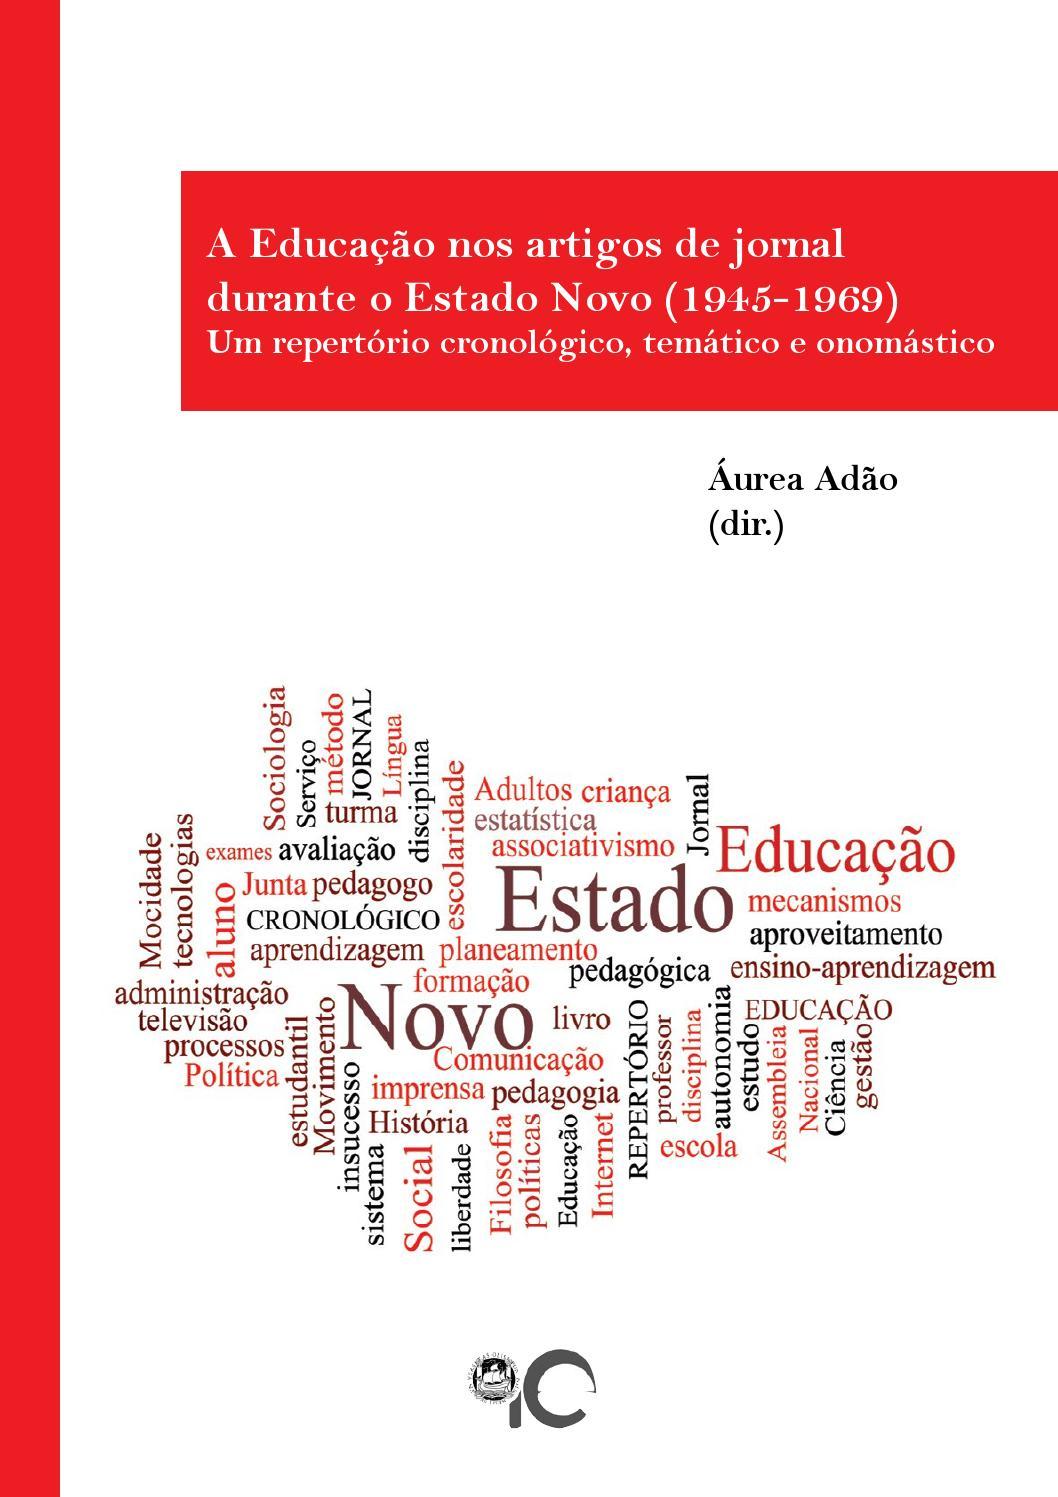 1de7f66a435 A educação nos artigos de jornal durante o estado novo by Instituto de  Educação da Universidade de Lisboa - issuu